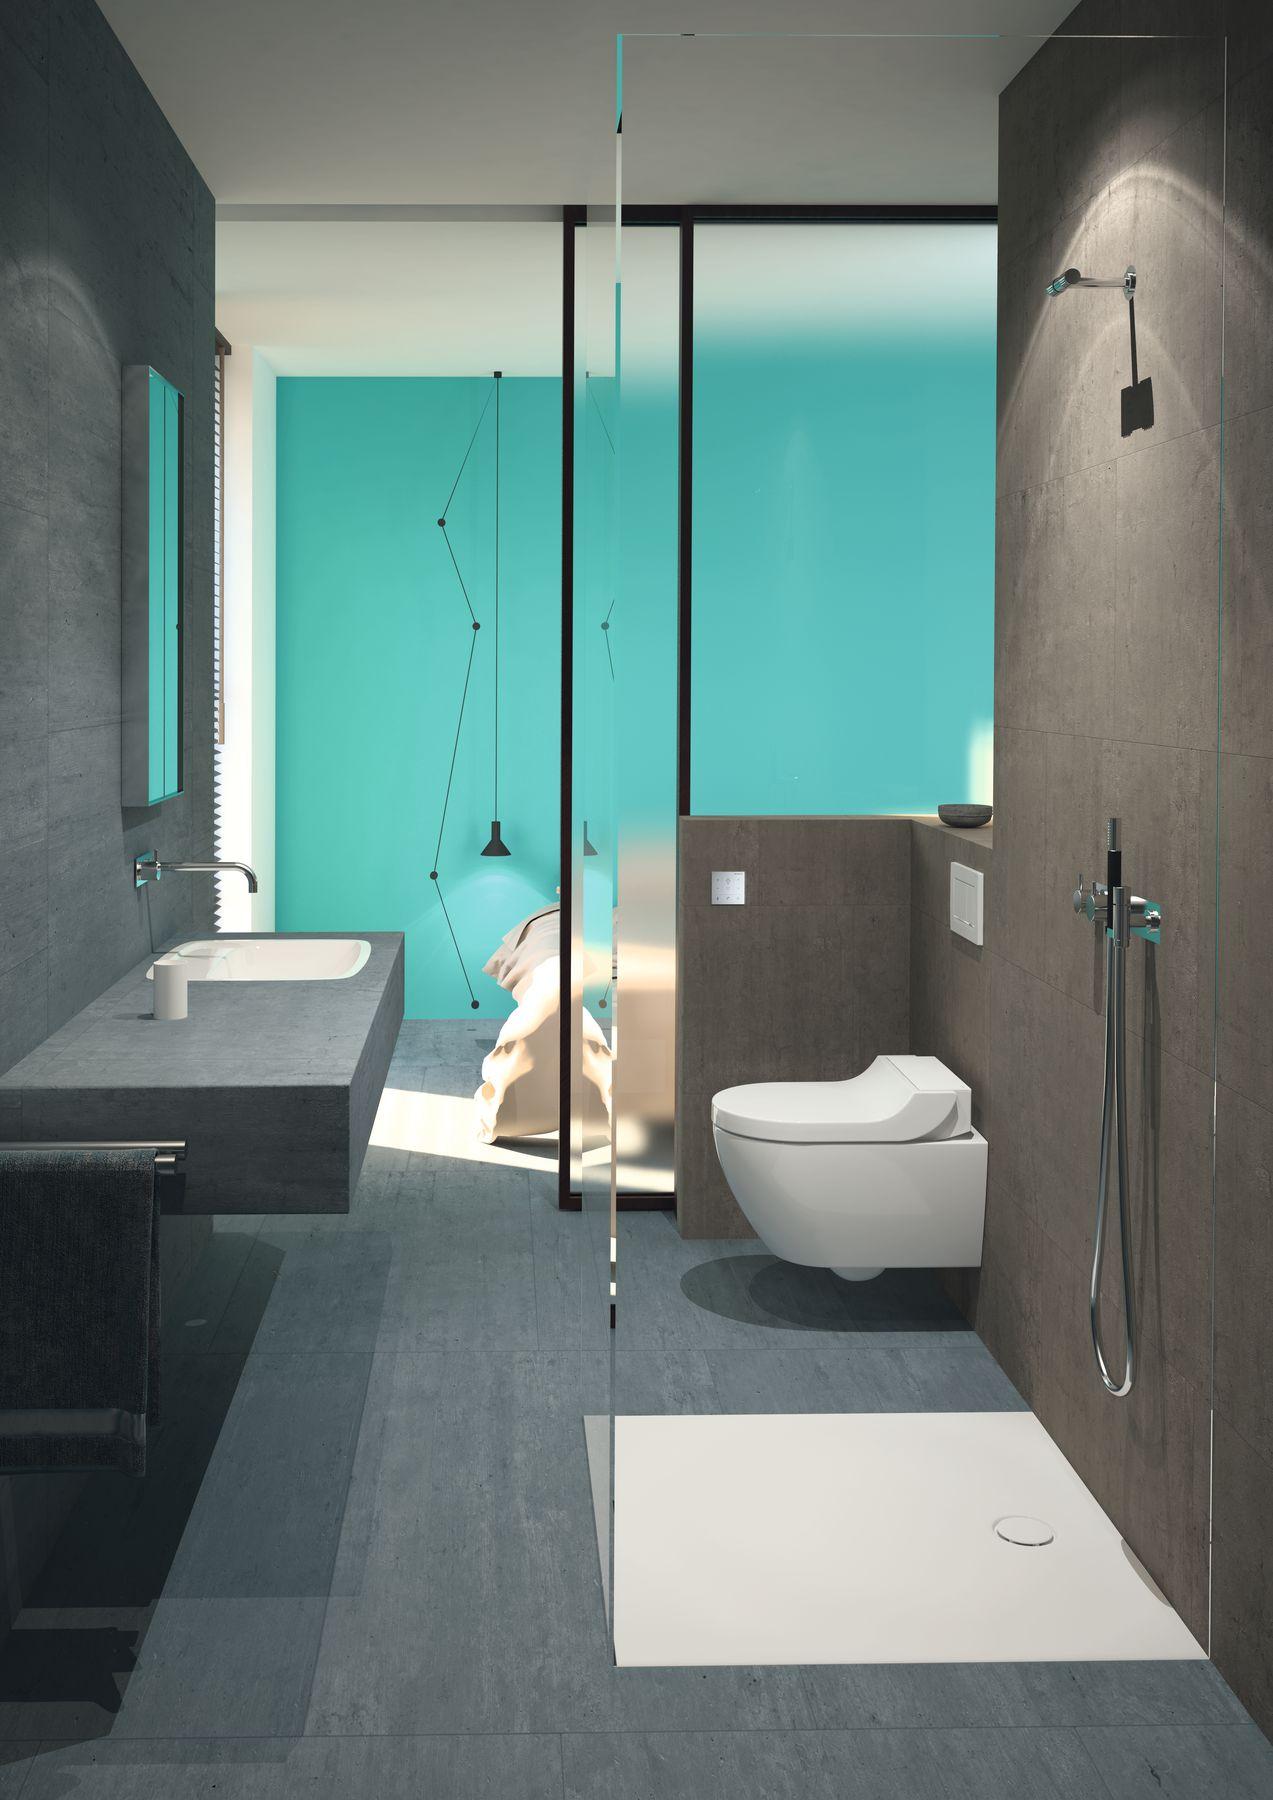 Chytrý produktový koncept. Toaleta Geberit AquaClean Tuma s integrovanou sprchou umožňuje optimální využití prostoru a může být nainstalována bez větších stavebních úprav.